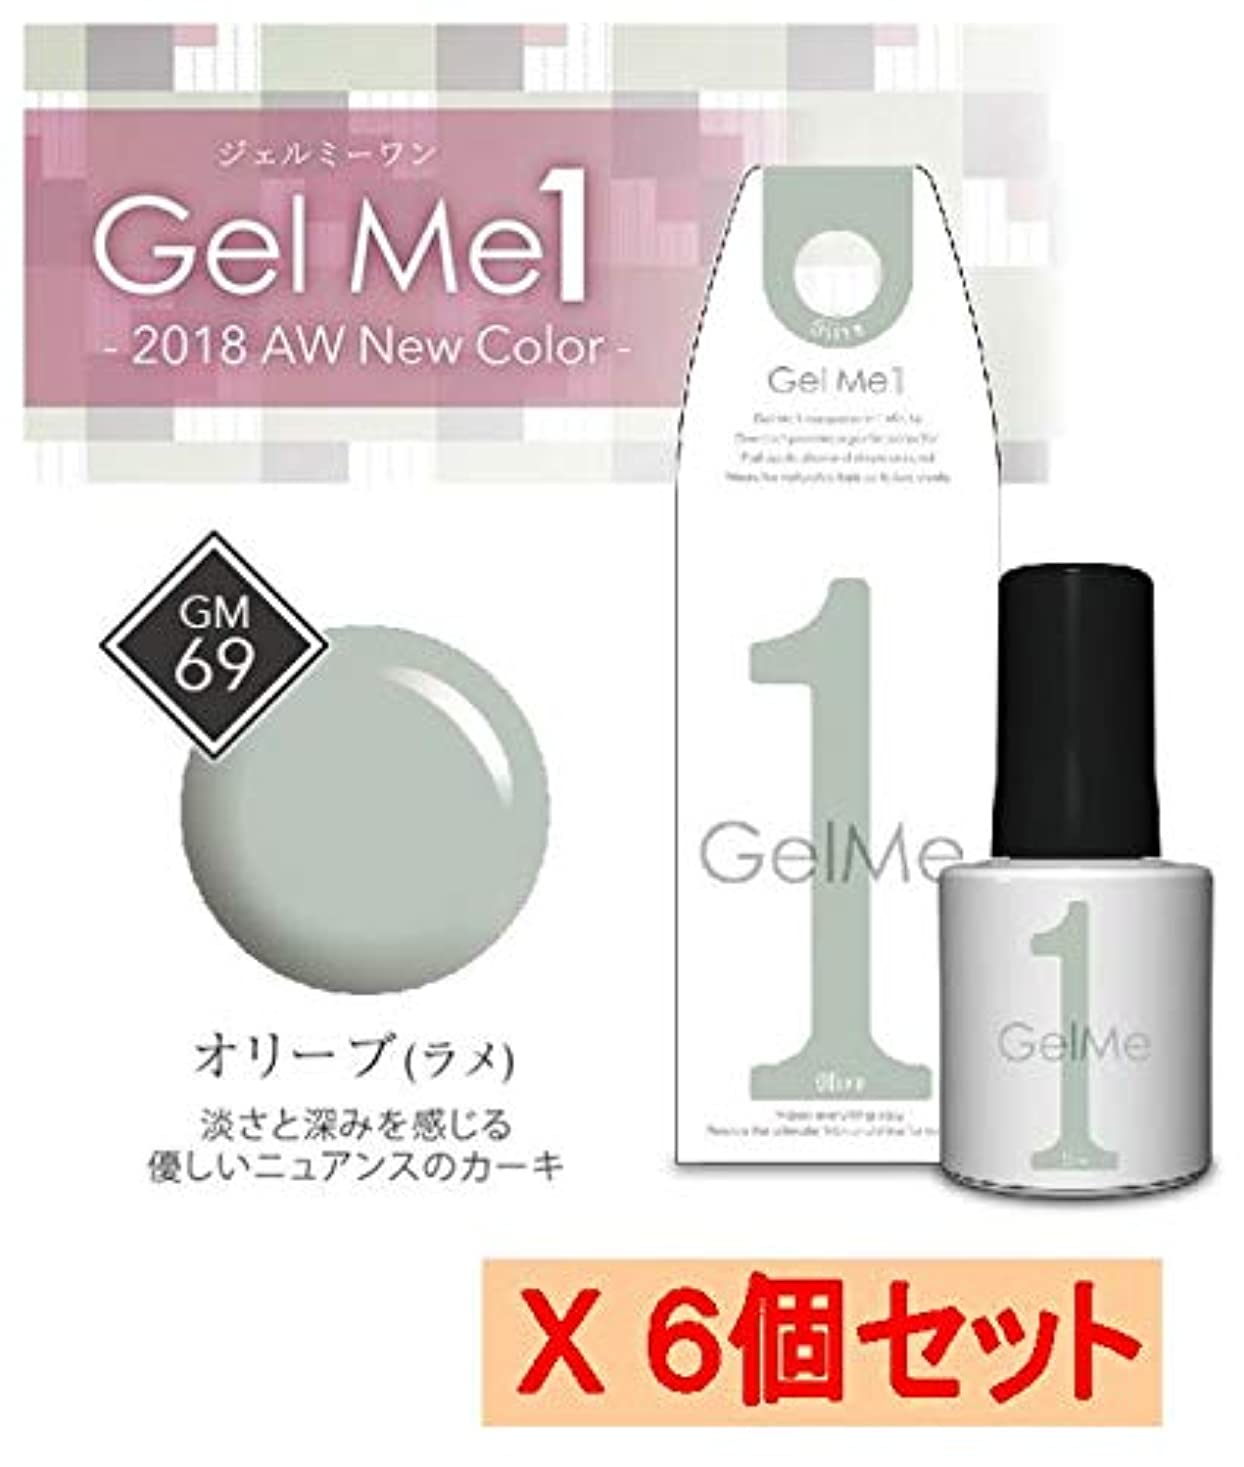 大混乱上陸ピアニストジェルミーワン[GelMe1] GM-69 オリーブ(ラメ) 【セルフ ジェルネイル ジェル】 X6個セット